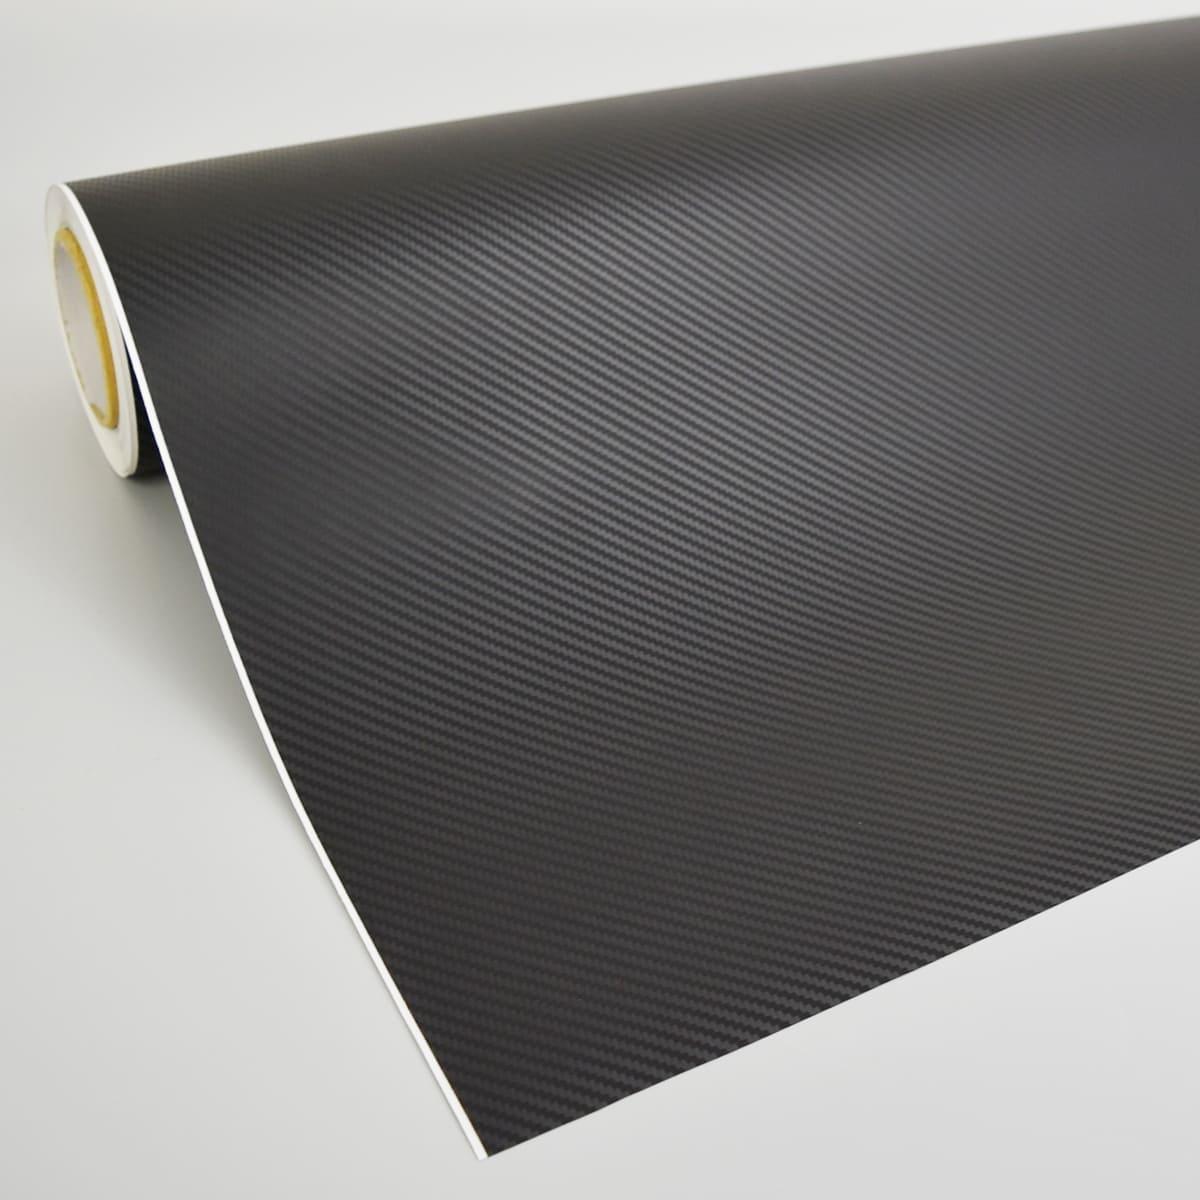 【ラッピングフィルム】【ラッピングシート】3Dカーボンブラック(ローコスト低価格タイプ) 1m幅×30mロール箱売 エア抜き糊